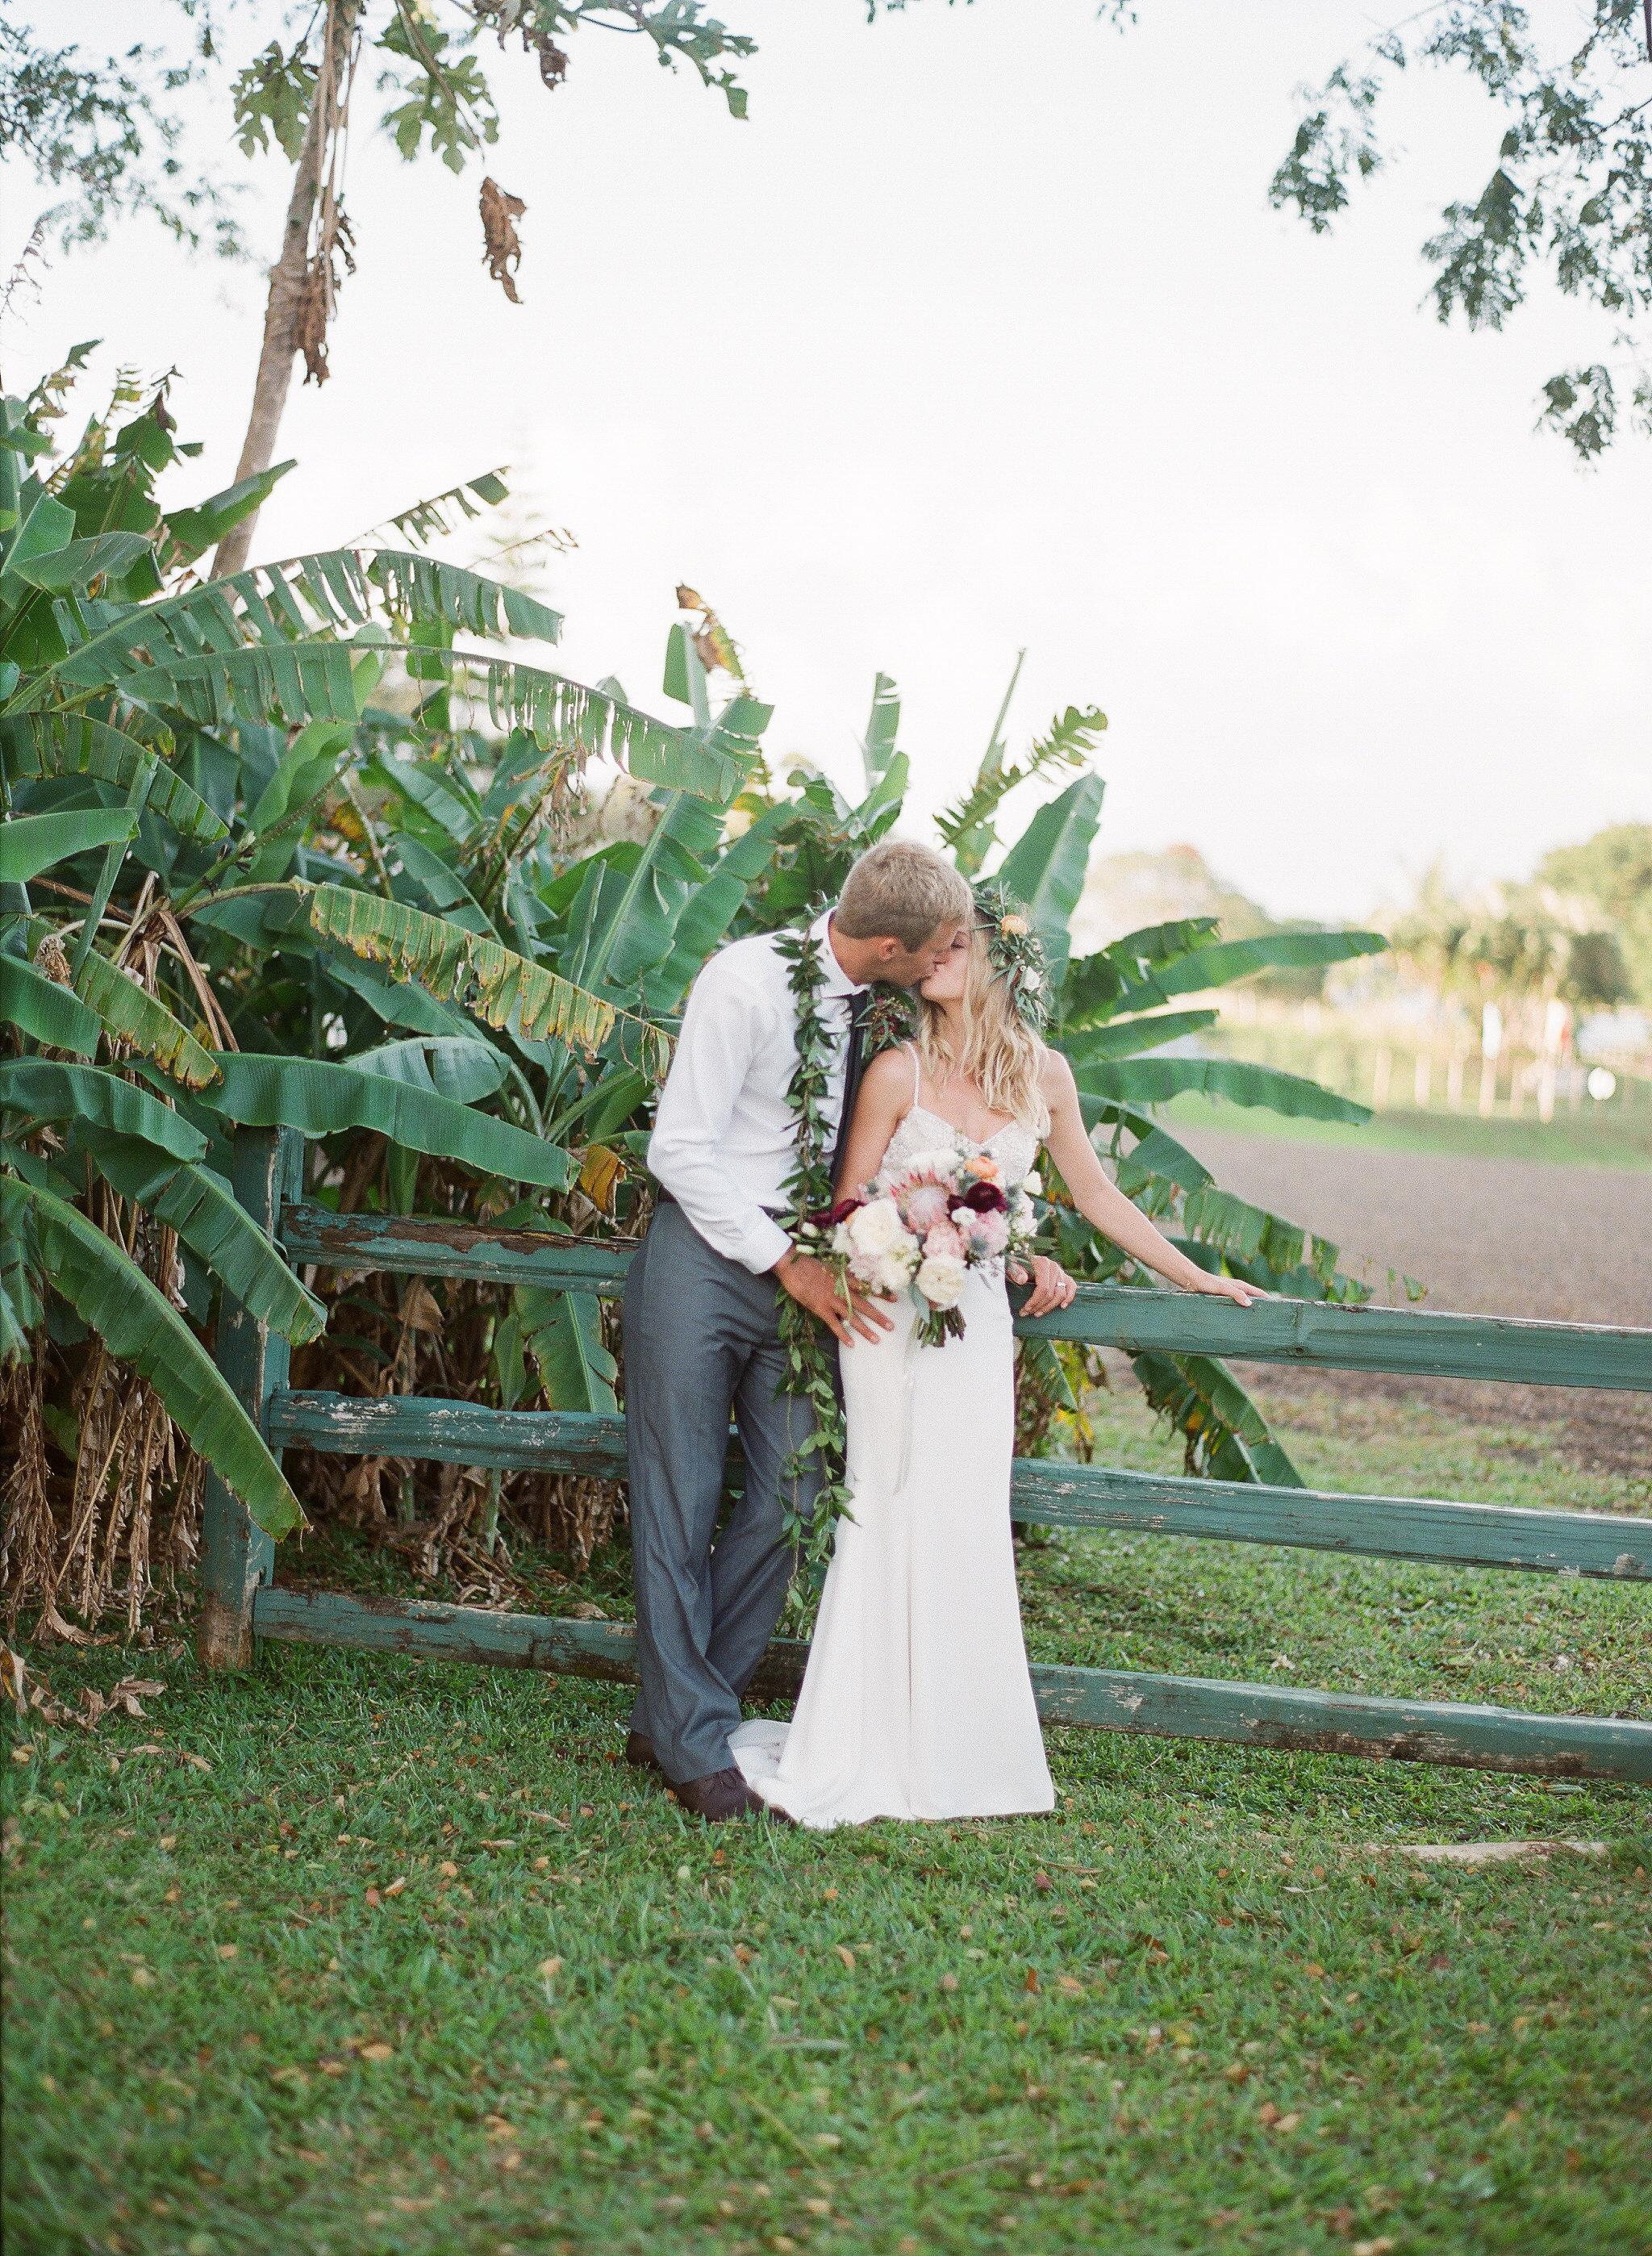 Krisy&SebastianPortraits256.jpg